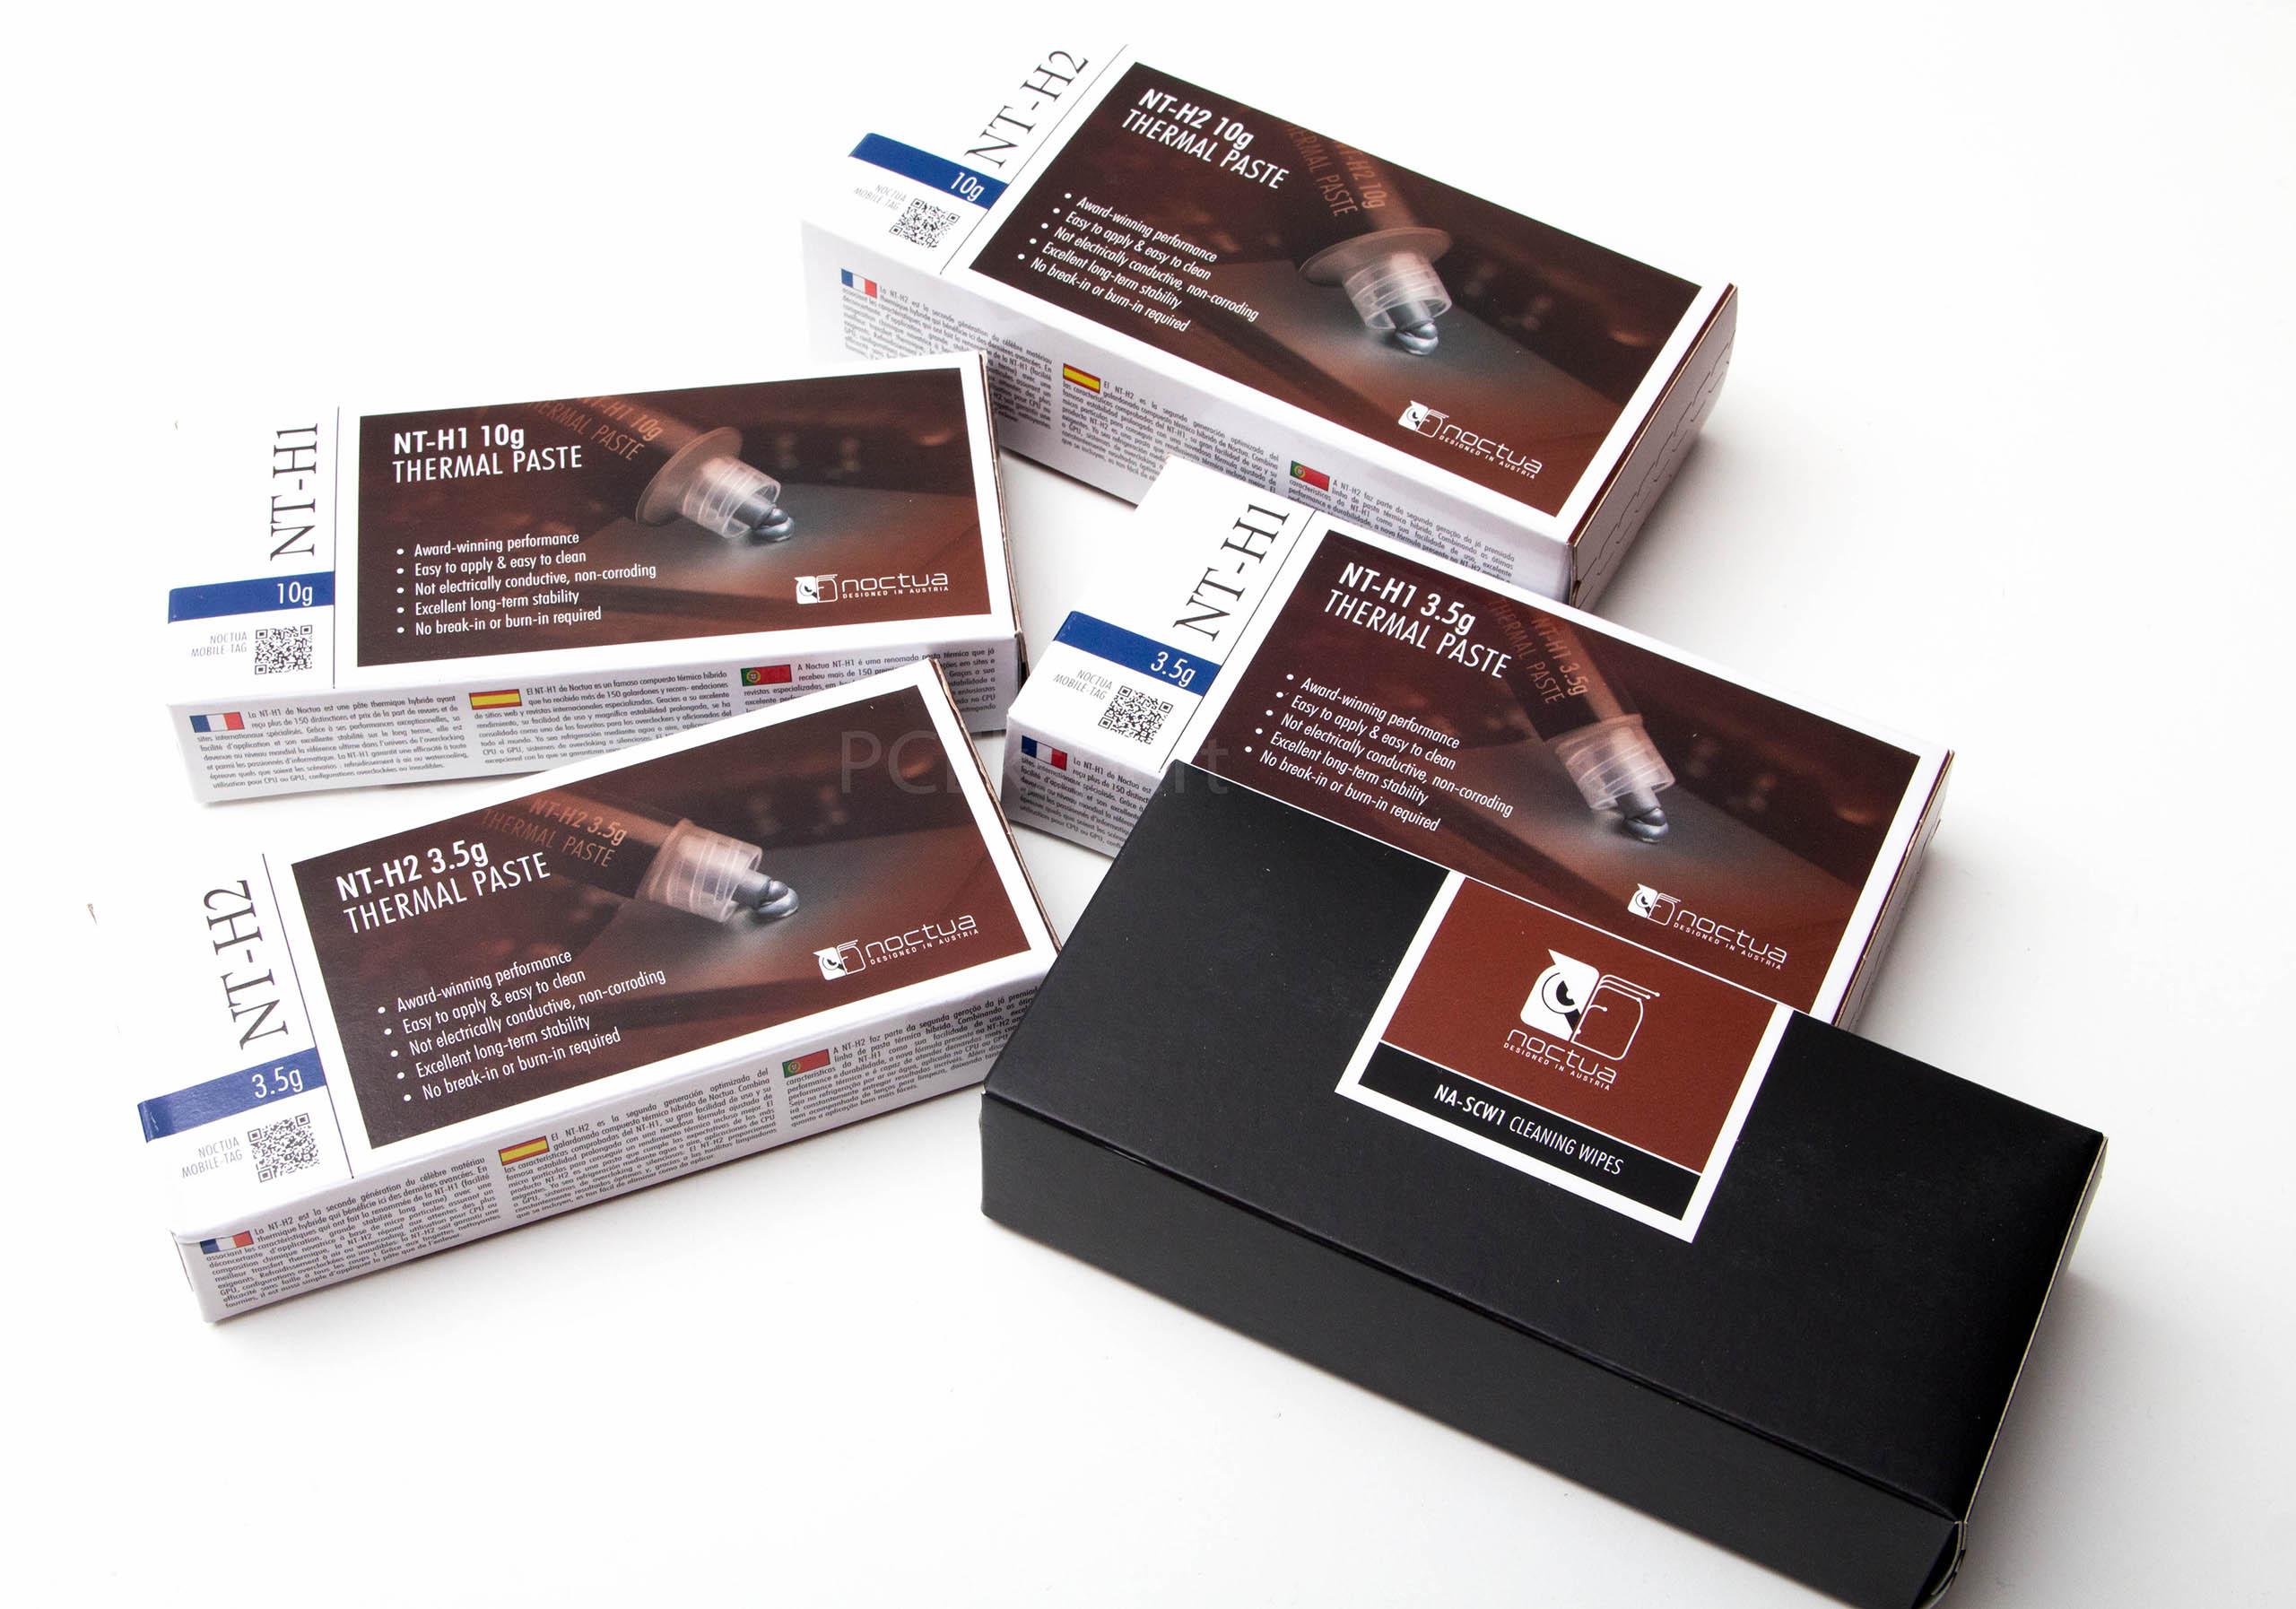 Brzi test – Noctua NT-H2 pasta i NA-SCW1 maramice